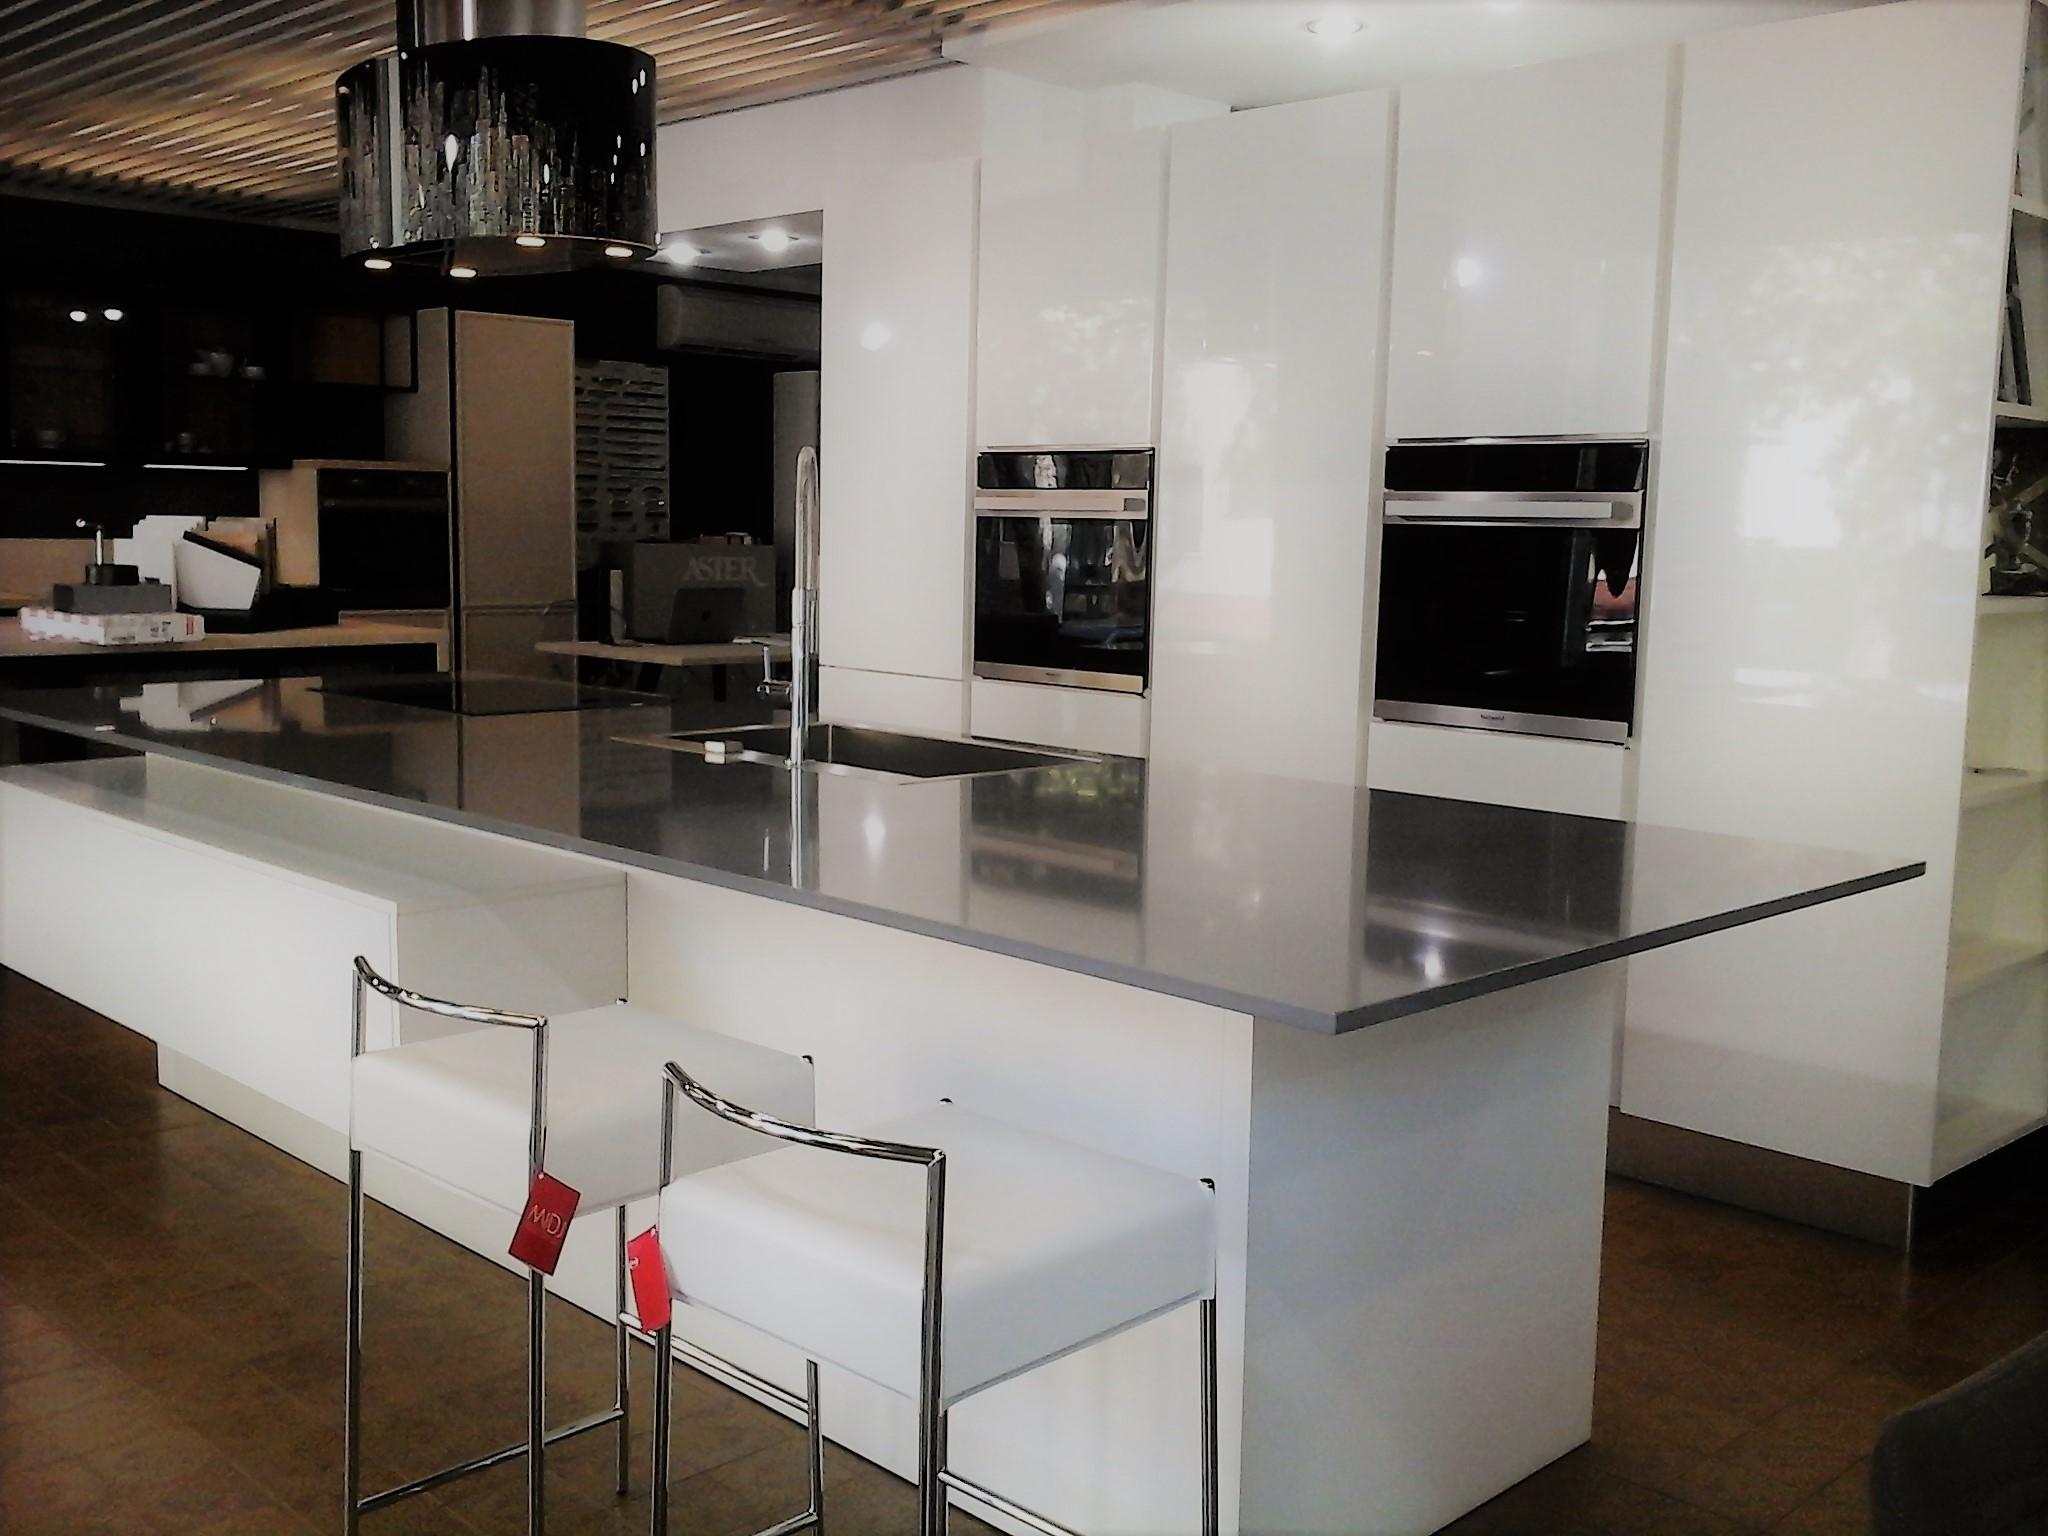 Cucina atra gola polimerico lucido bianco cucine a - Cucina provenzale bianca ...